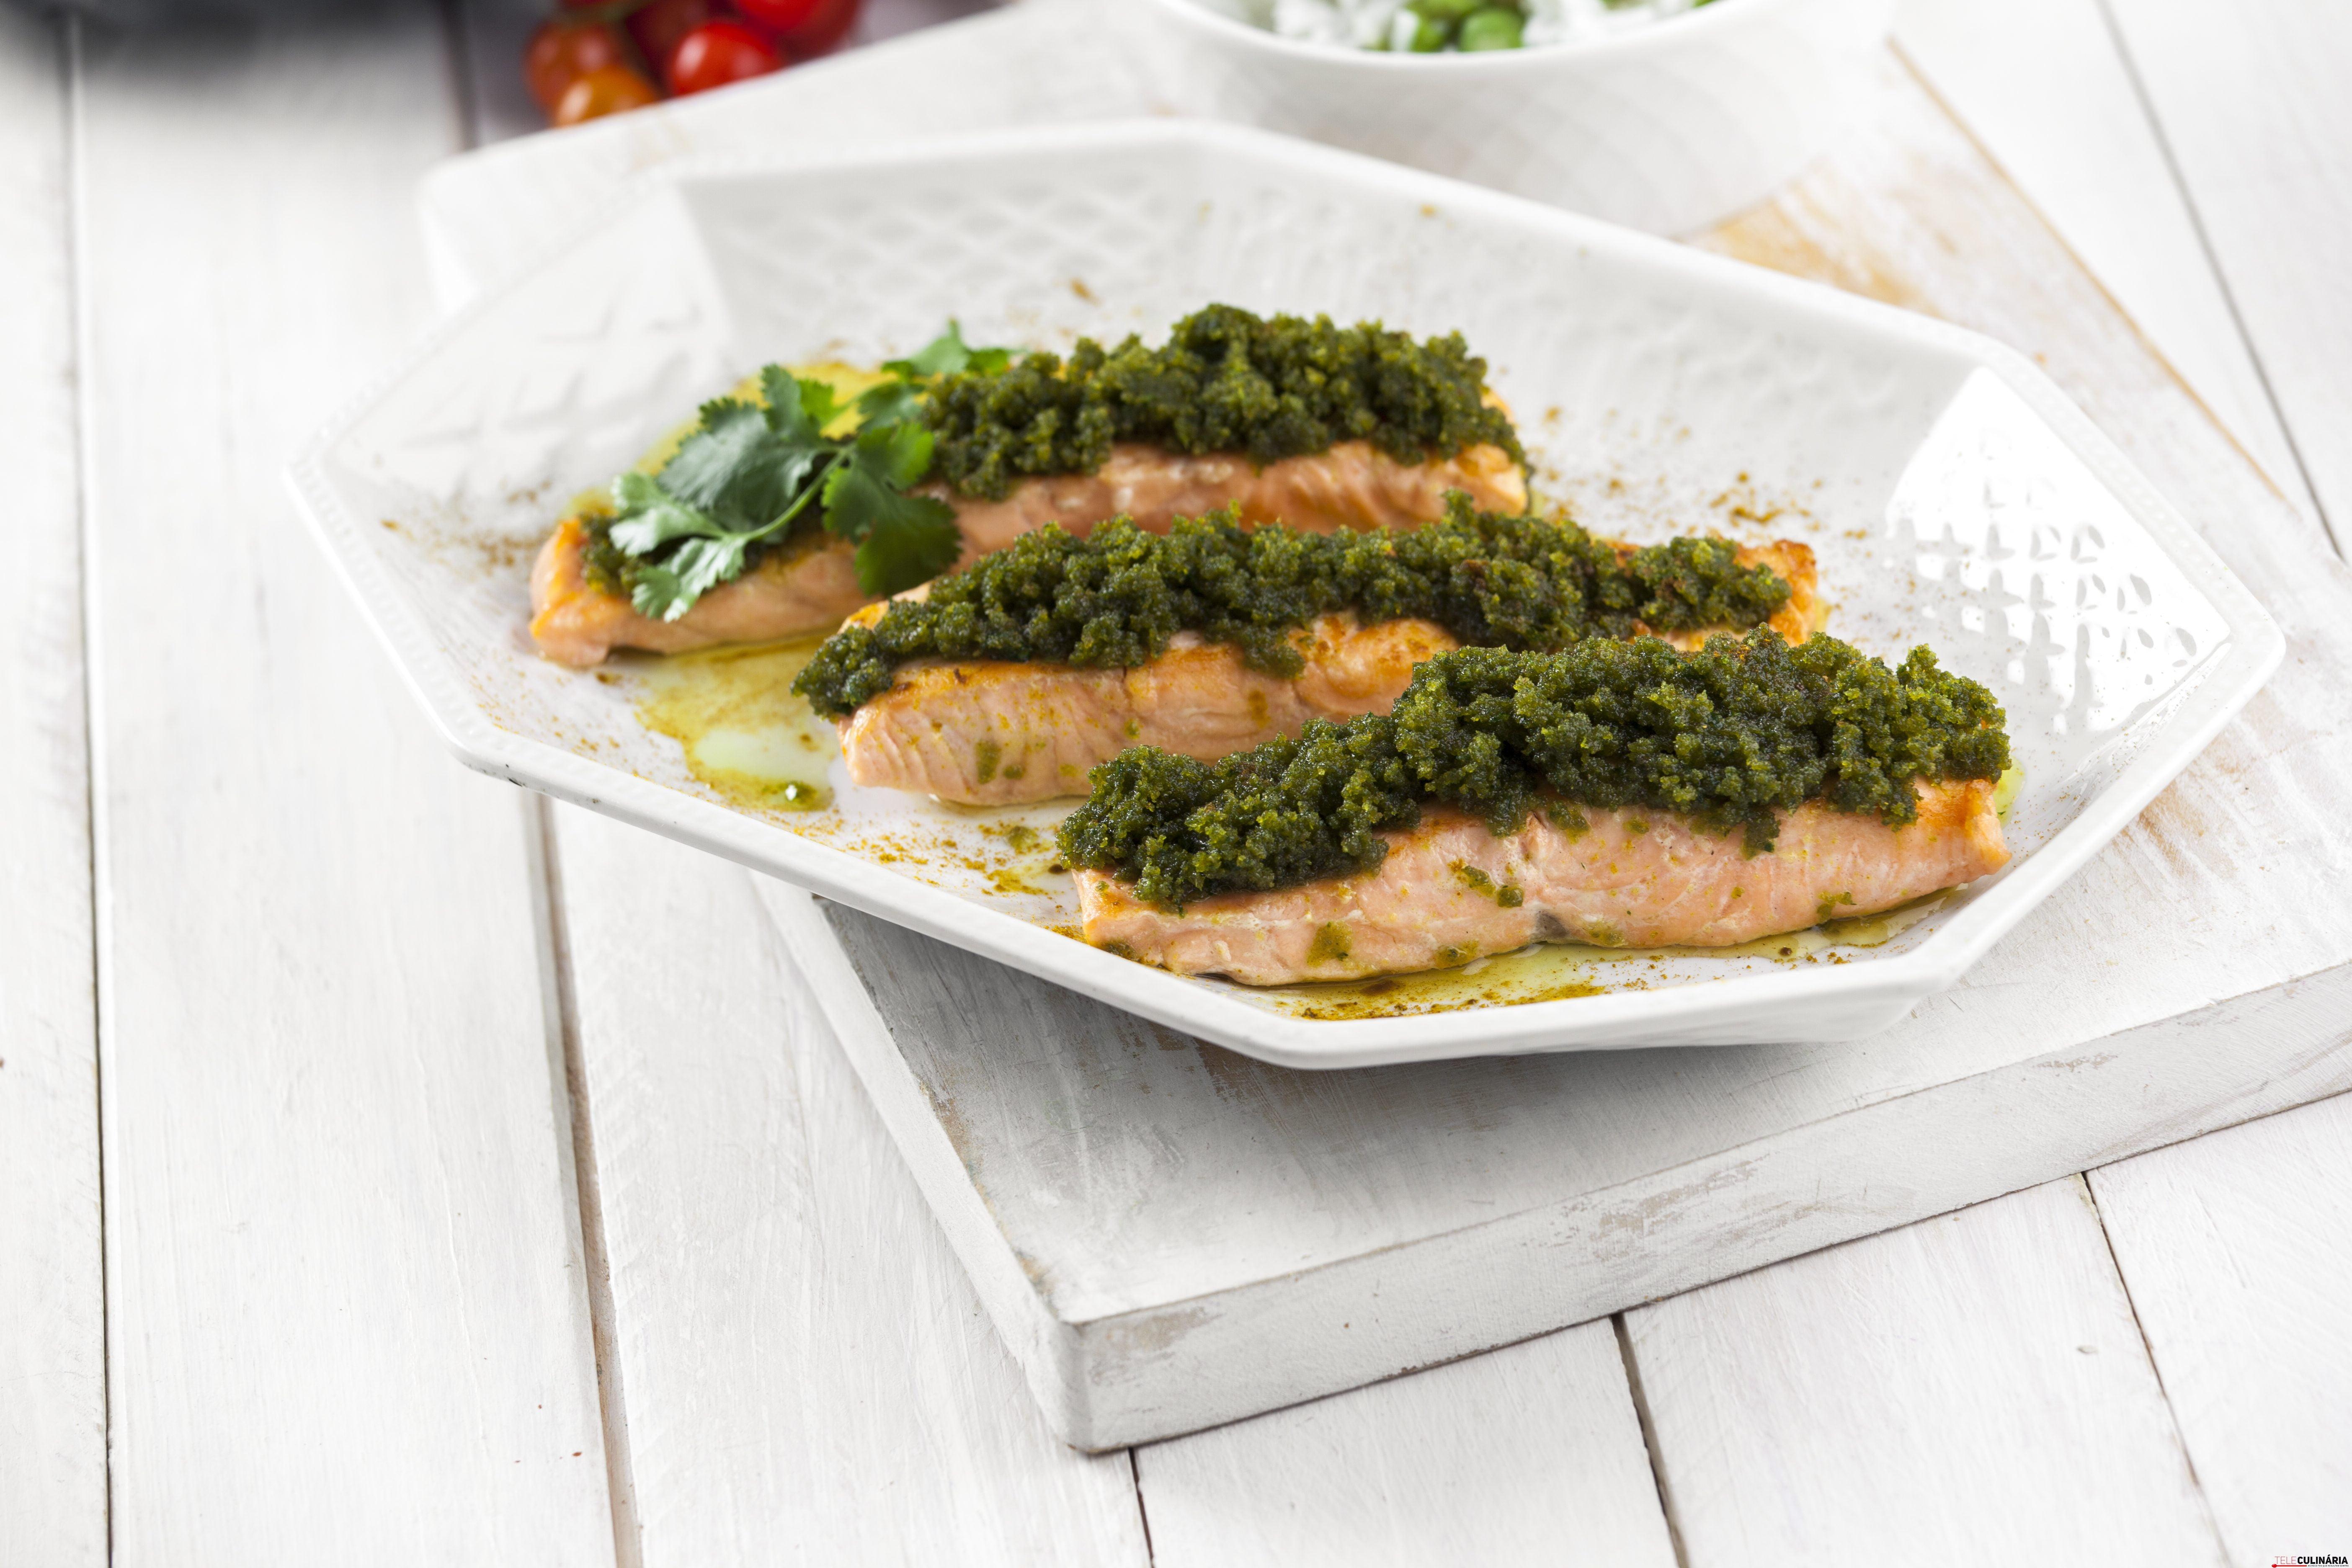 receita de salmão com pasta de coentro e caril